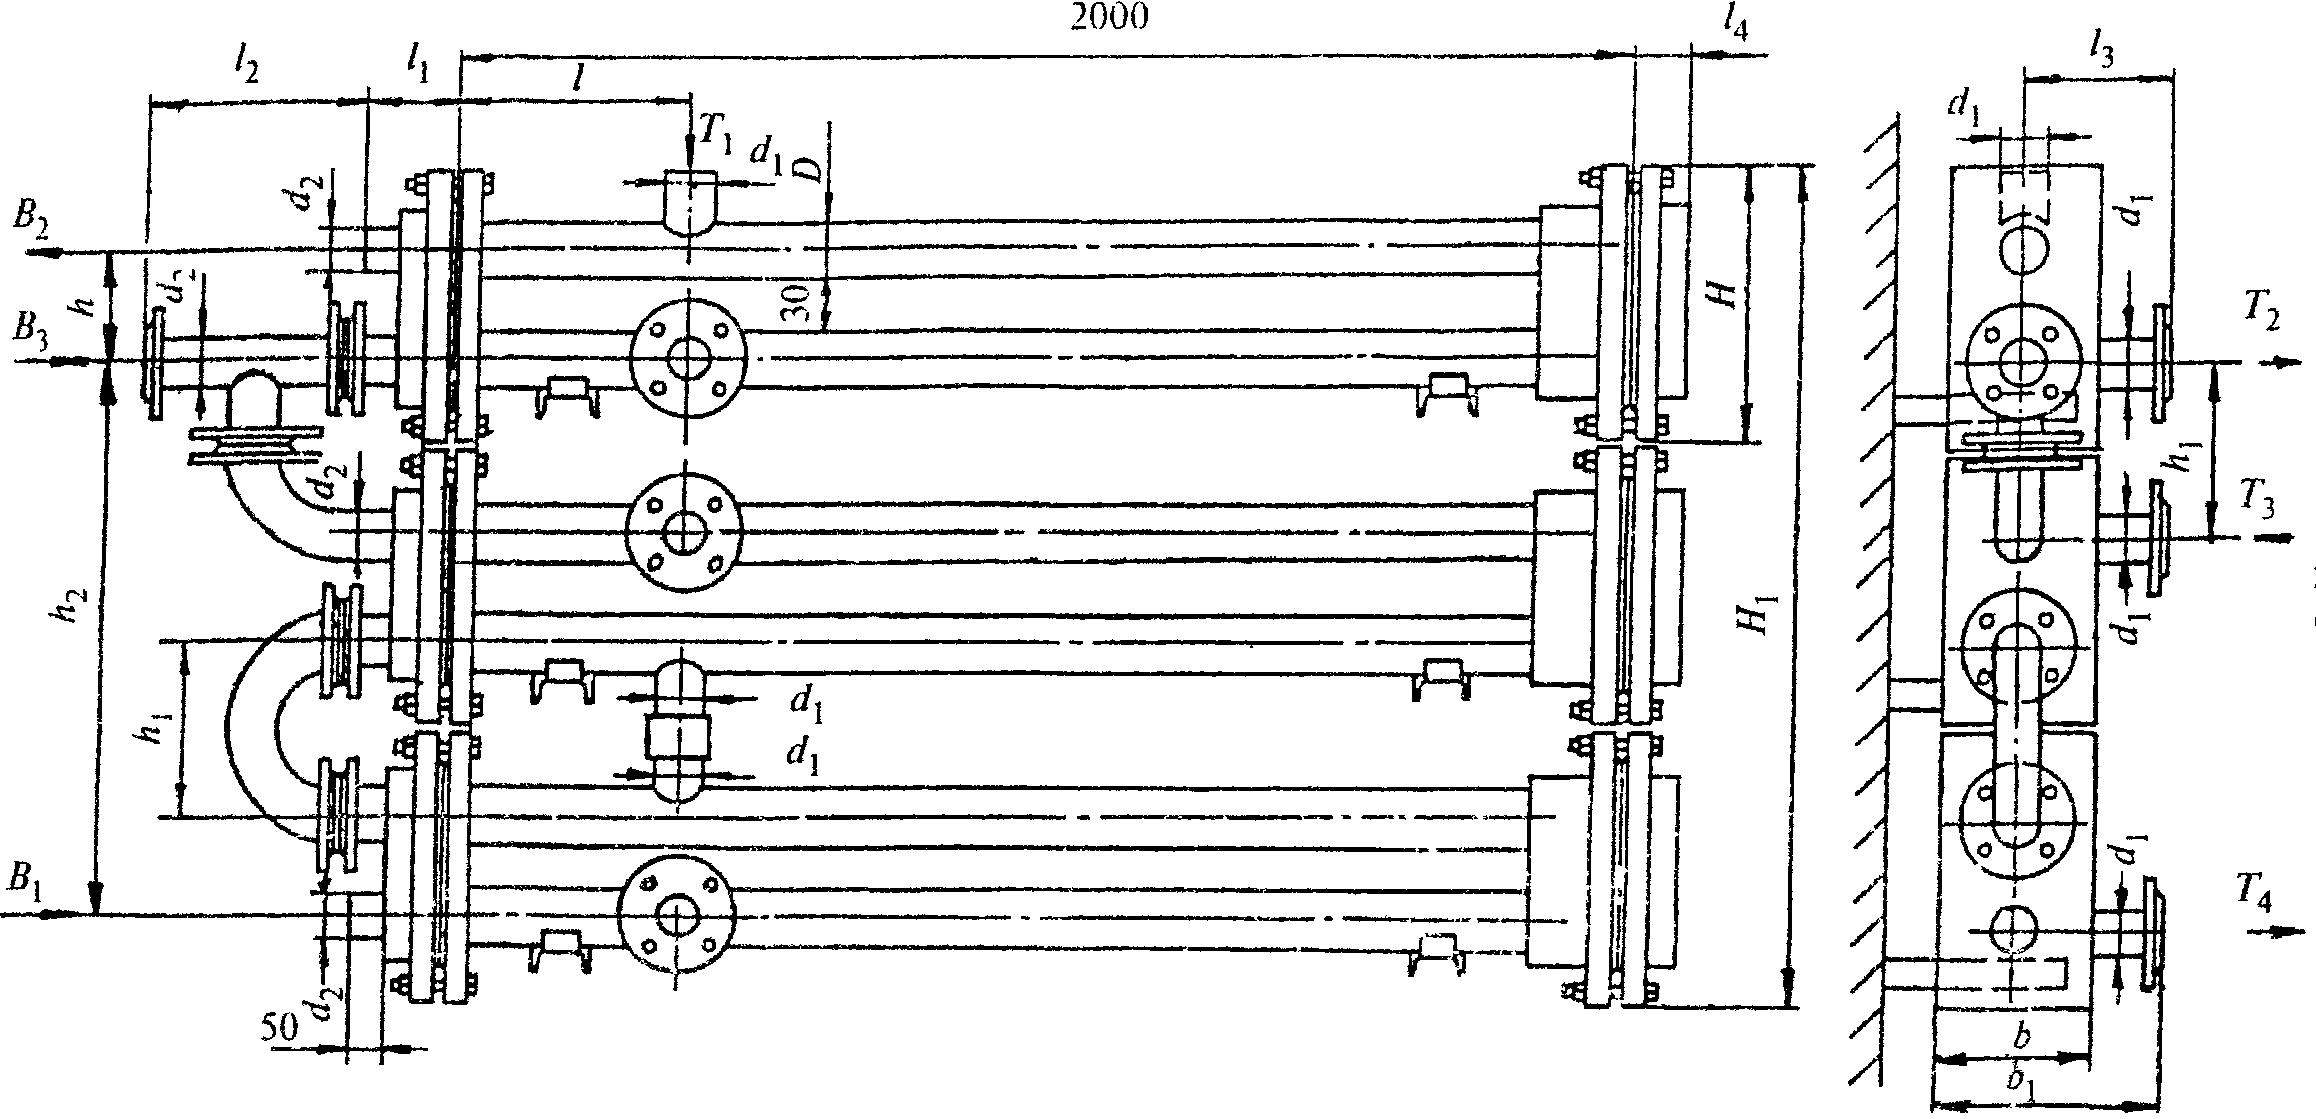 схема котельной с пластинчатым теплообменником св76-30н